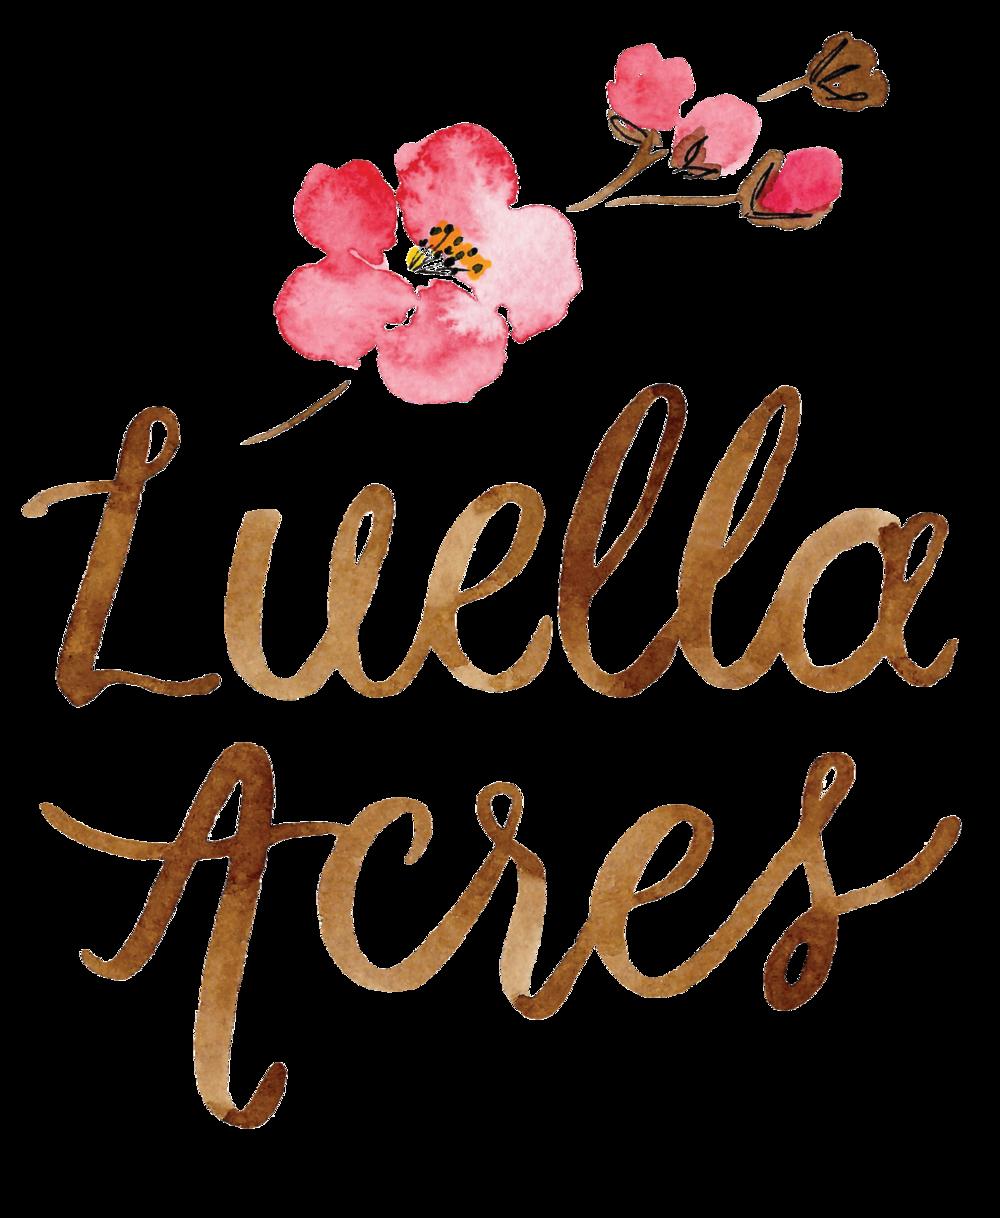 Luella-Acres-no-tagline.png